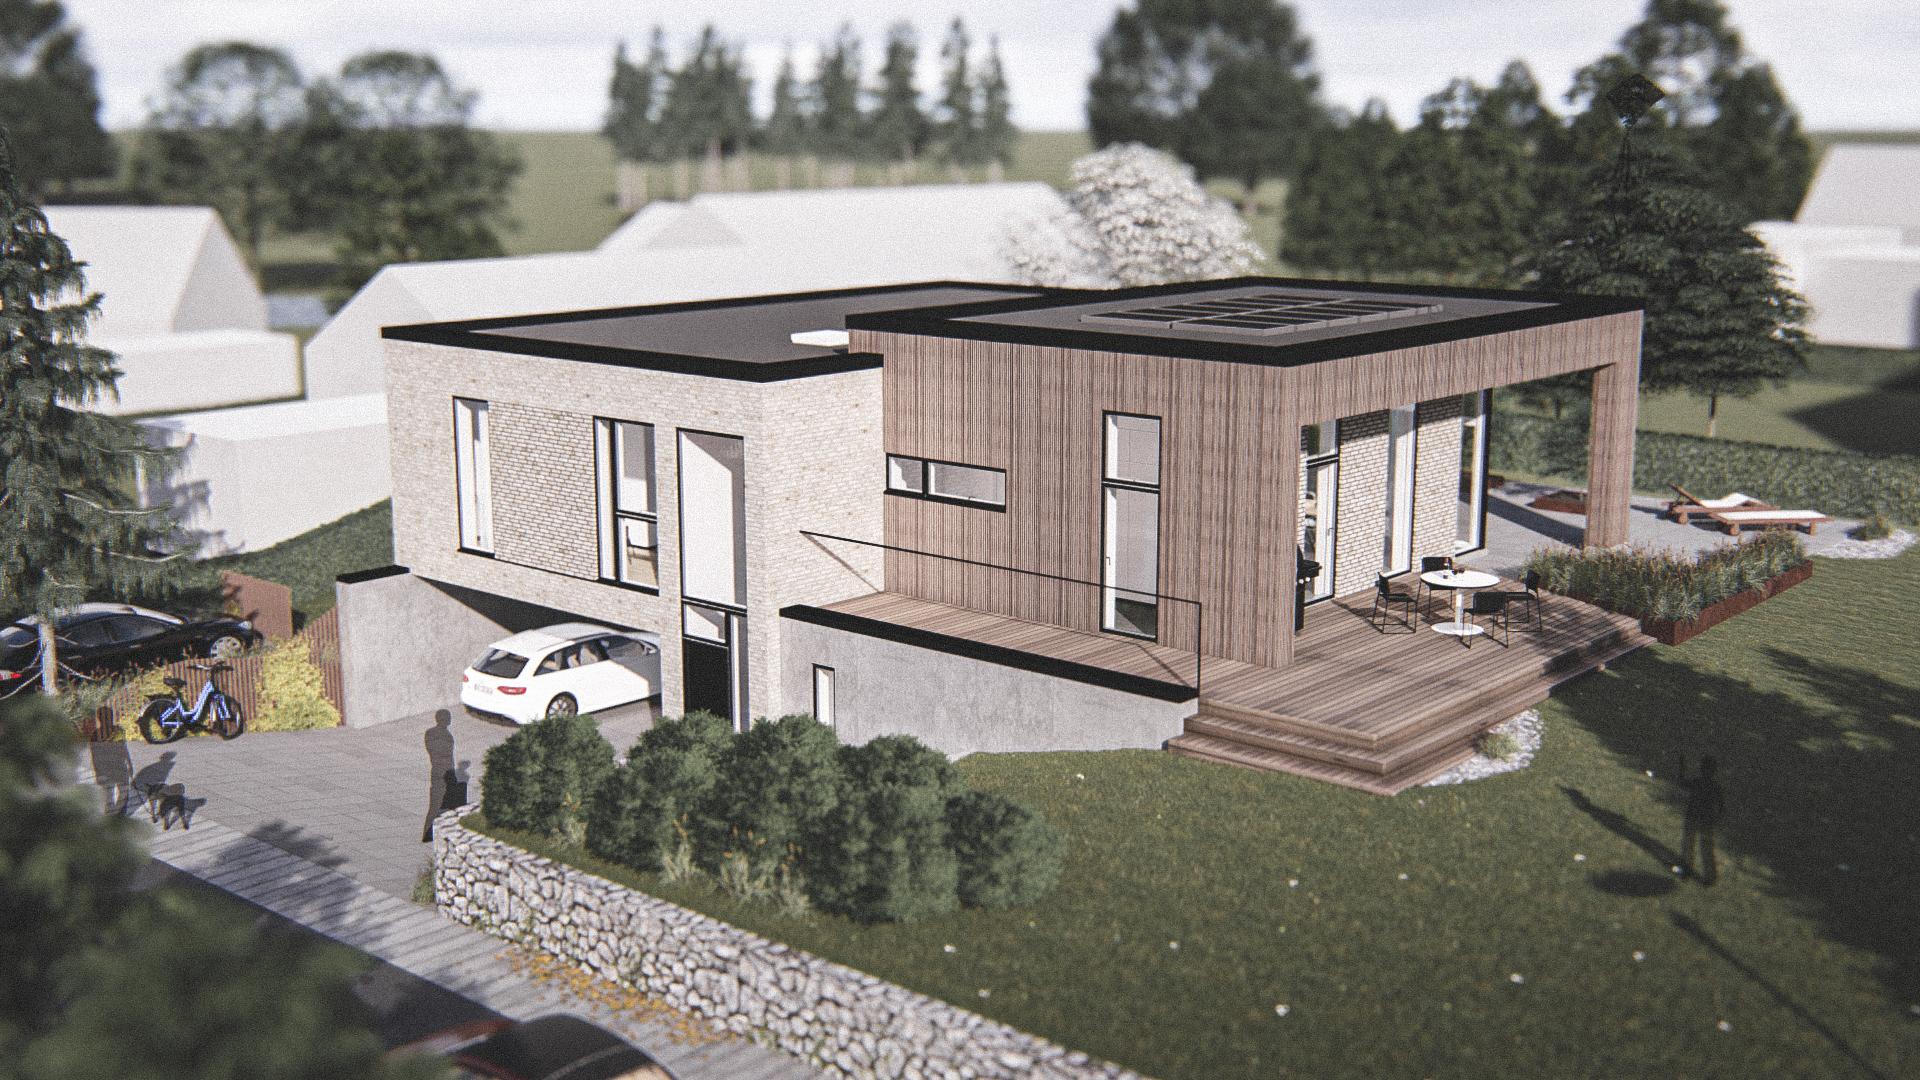 Billede af et arkitekt tegnet projektforslag af ny drømme villa i Bagsværd, af det danske arkitektfirma m2plus